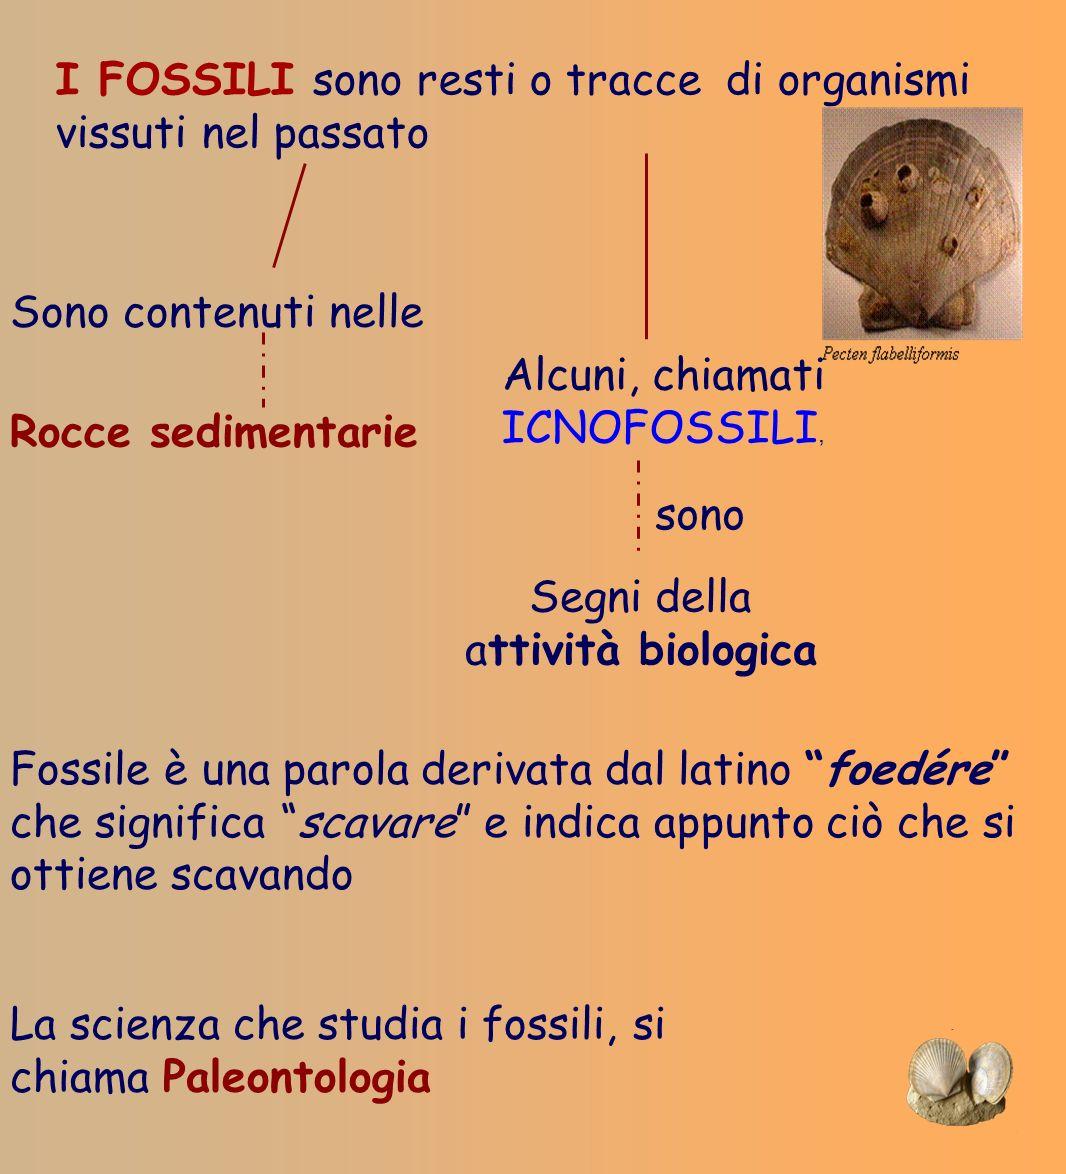 La fossilizzazione è una serie di processi FISICO-CHIMICI che permettono di conservare resti di animali o vegetali La conservazione diretta Si può realizzare in 3 modi: Mineralizzazione: lo scheletro rimane nel sedimento e poi viene sostituito da sostanze inorganiche.